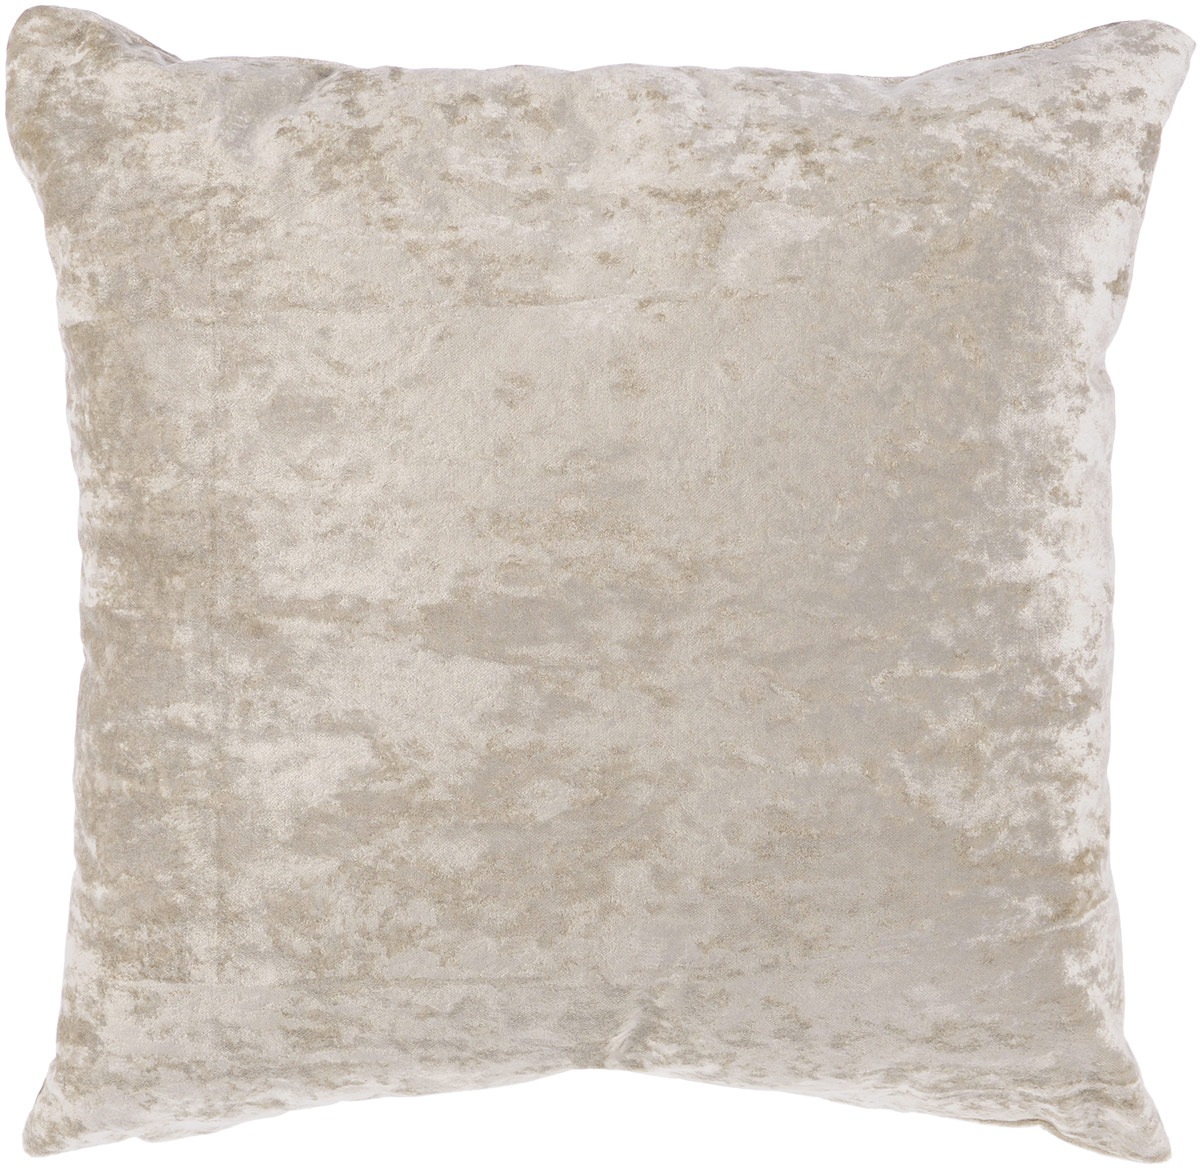 Подушка декоративная KauffOrt Бархат, цвет: серый, 40 x 40 см531-105Декоративная подушка Бархат прекрасно дополнит интерьер спальни или гостиной. Бархатистый на ощупь чехол подушки выполнен из 49% вискозы, 42% хлопка и 9% полиэстера. Внутри находится мягкий наполнитель. Чехол легко снимается благодаря потайной молнии.Красивая подушка создаст атмосферу уюта и комфорта в спальне и станет прекрасным элементом декора.